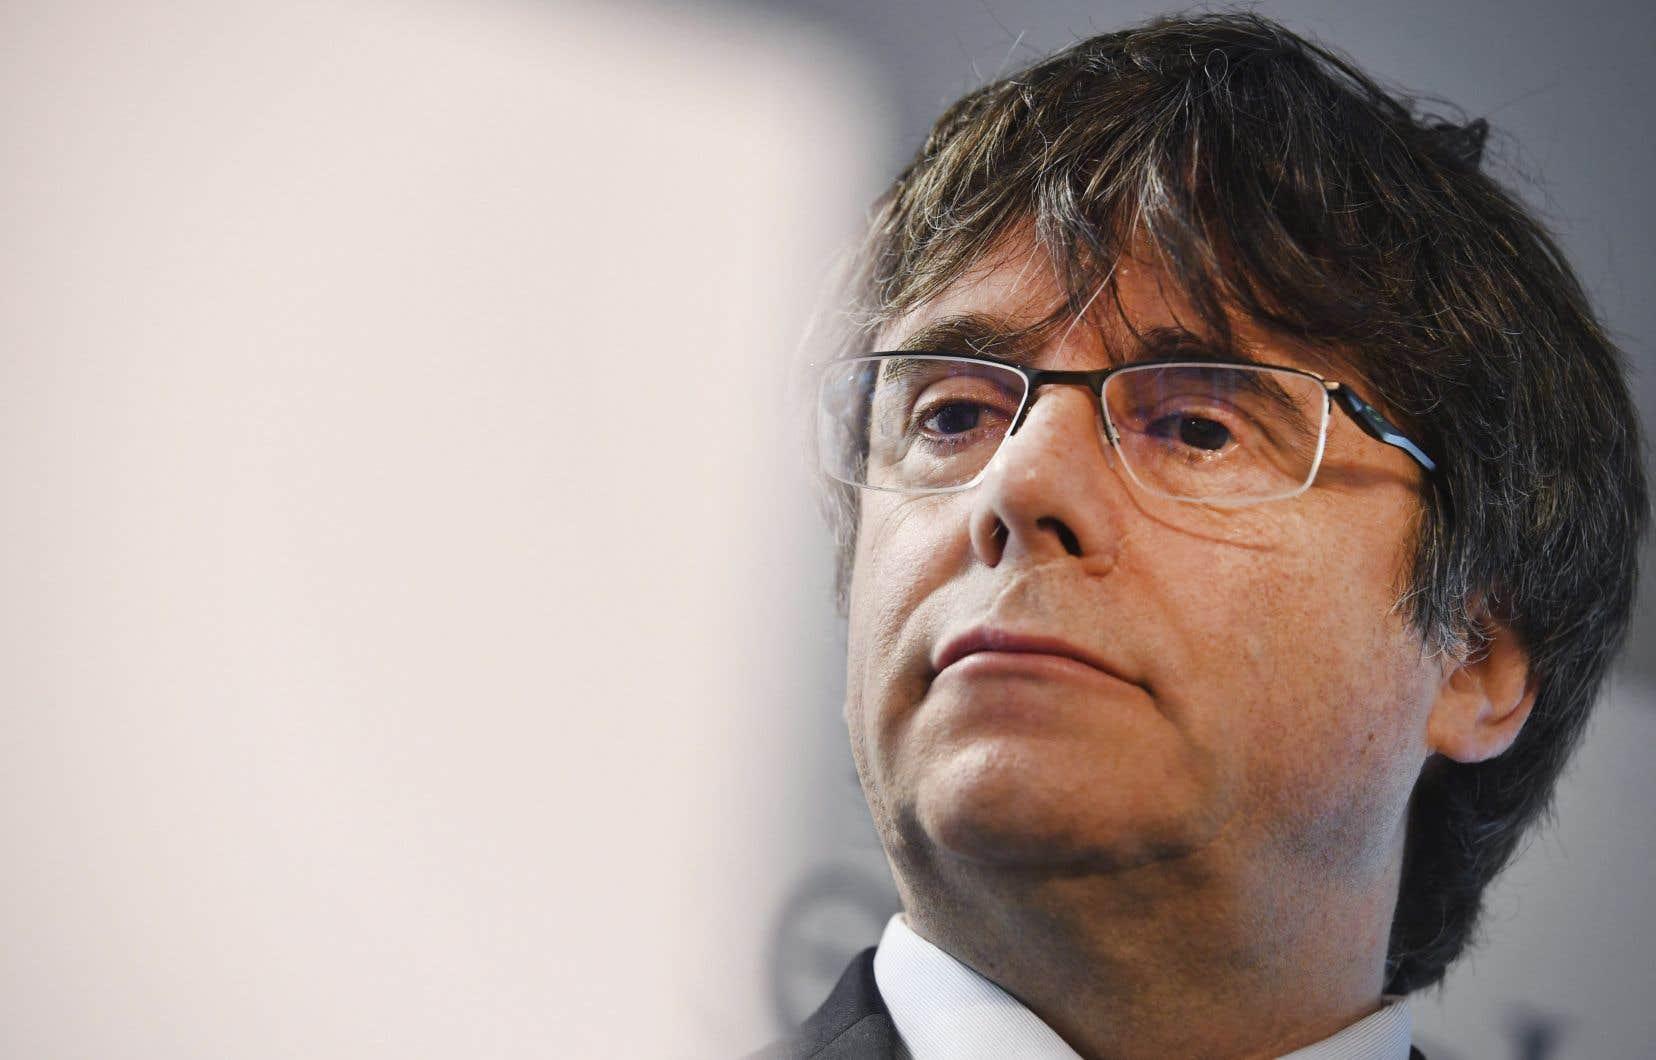 M.Puigdemont, invité par la Société Saint-Jean-Baptiste de Montréal pour parler du référendum de 2017 sur l'indépendance de la Catalogne, s'était vu refuser l'accès au Canada à la suite d'un imbroglio.